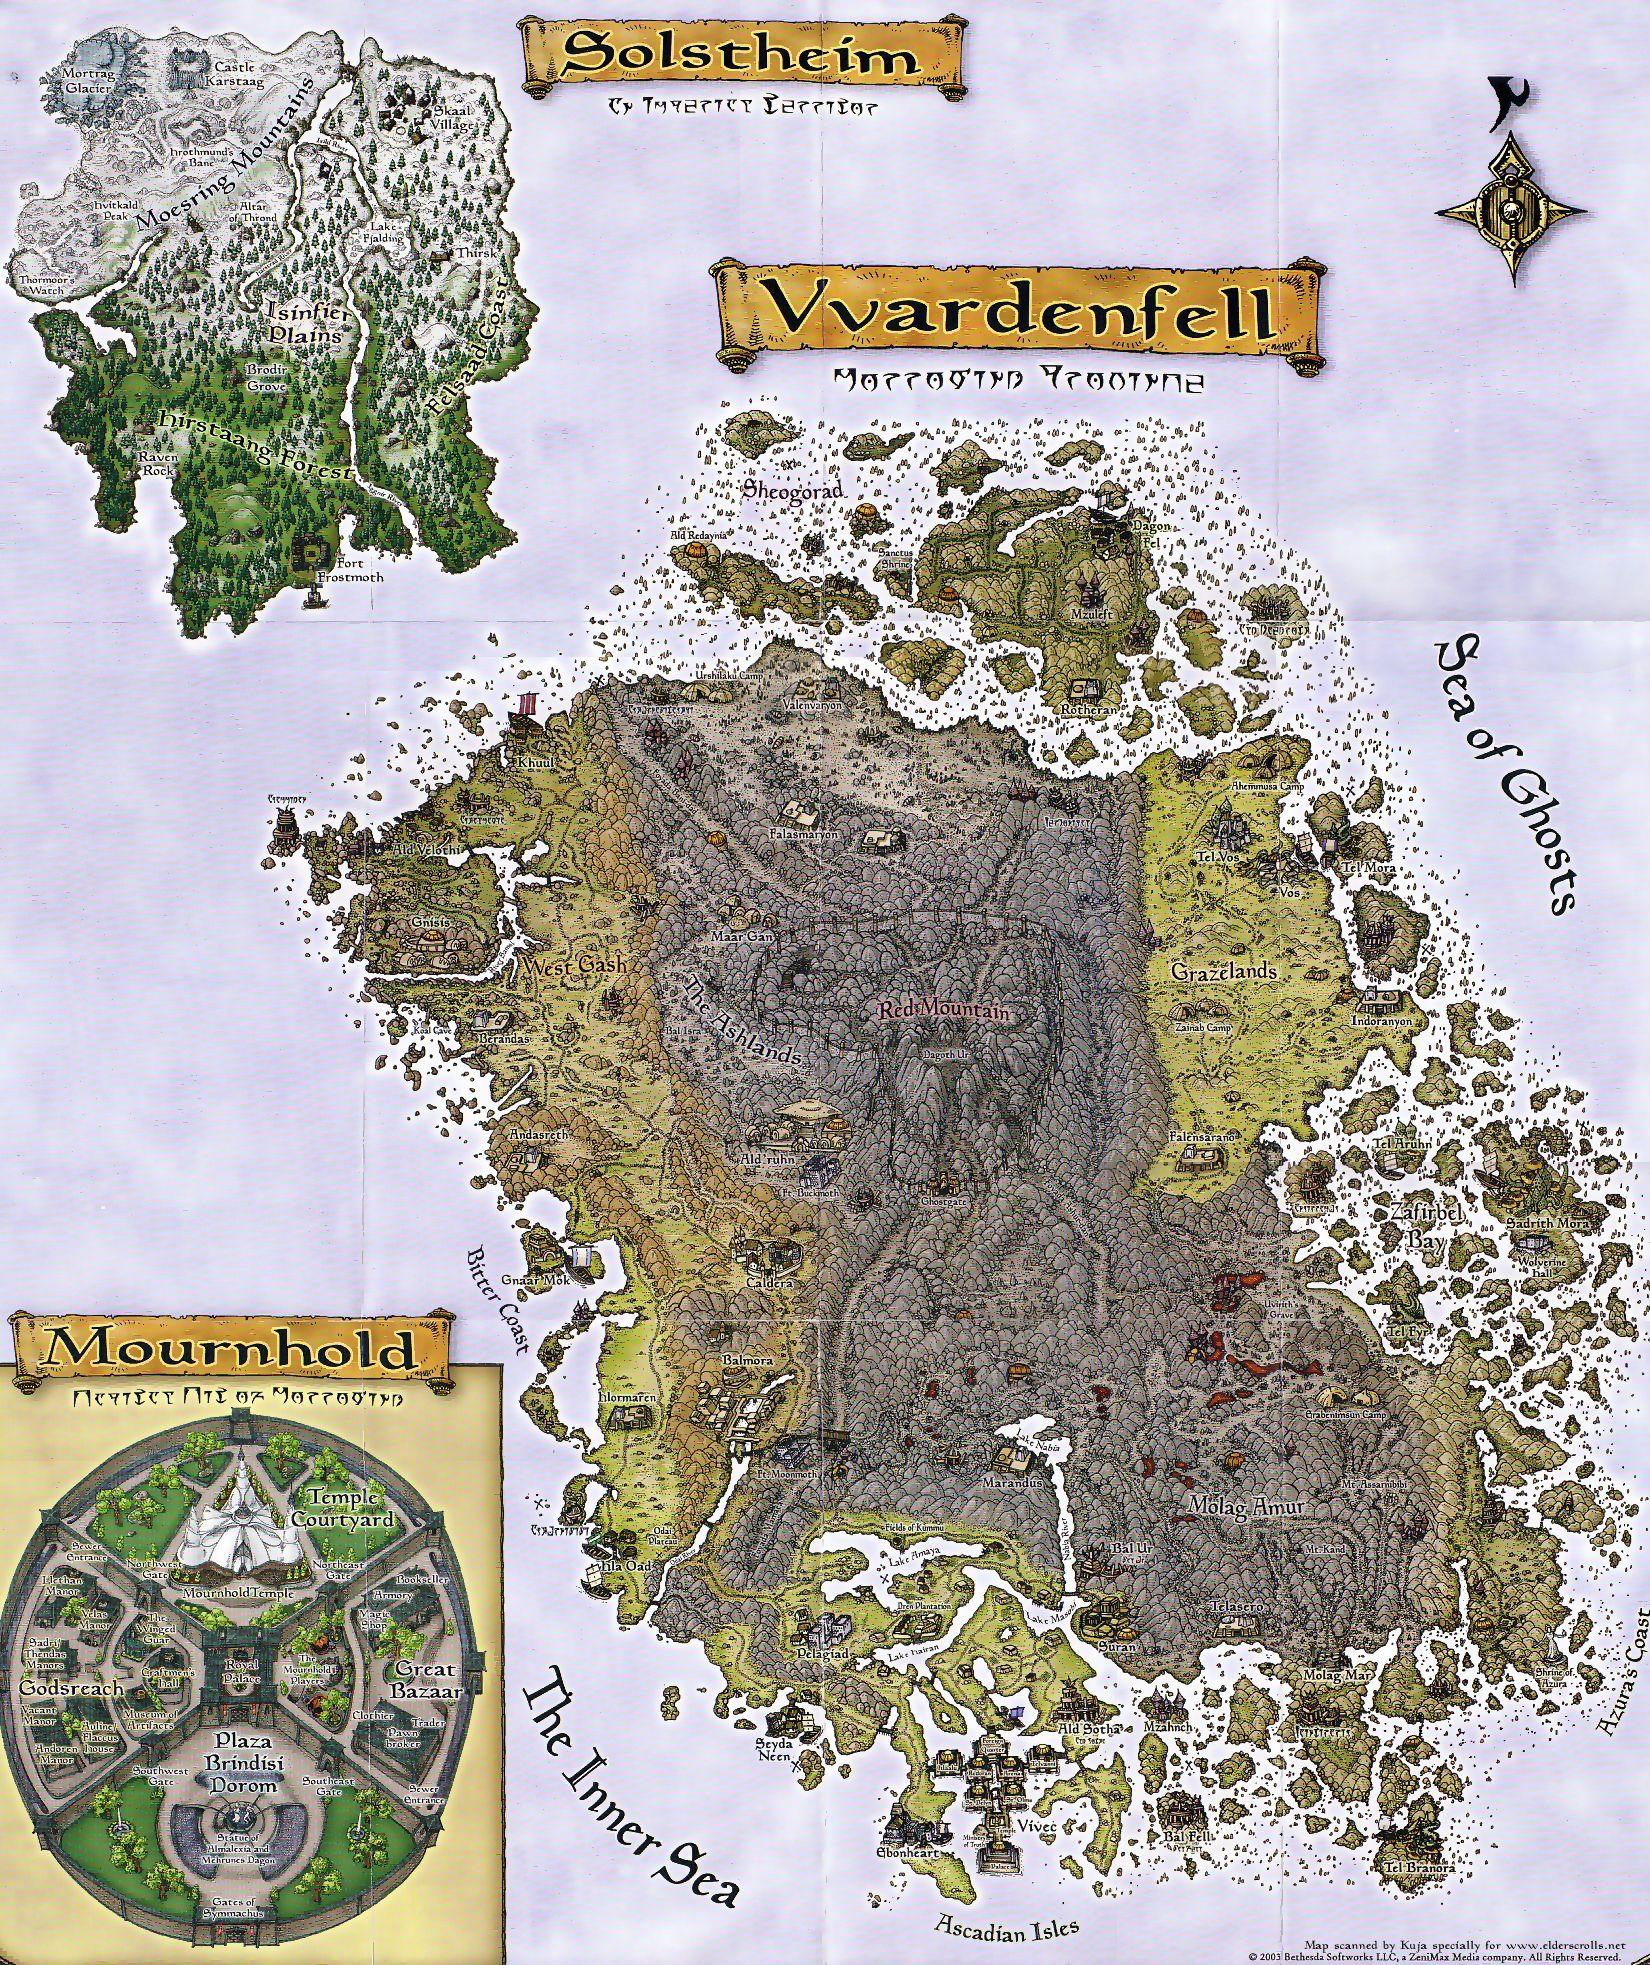 The Elder Scrolls III: Morrowind (PC) - Map Depository - The ...